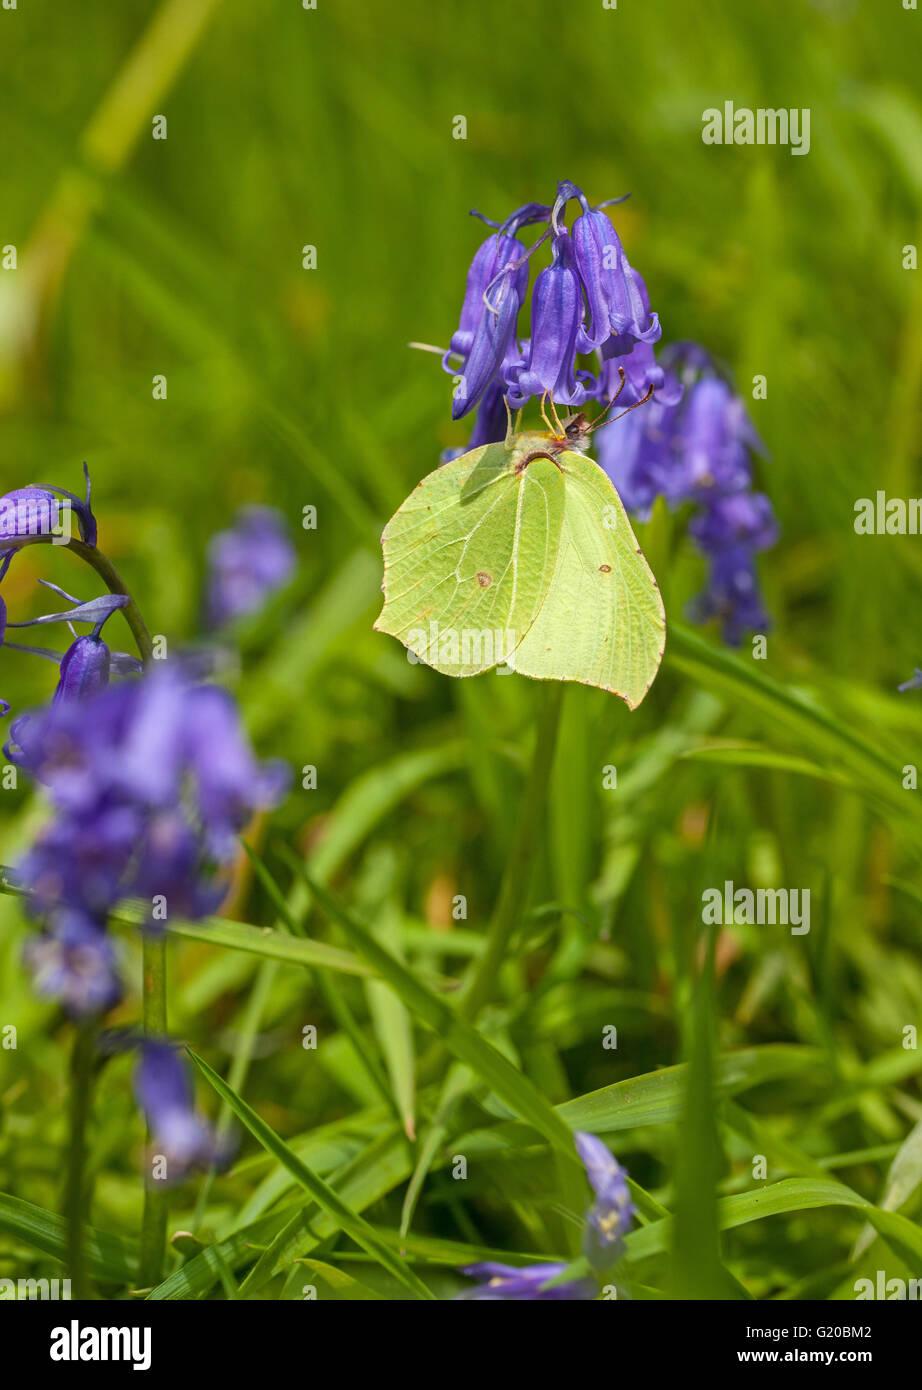 Brimstone butterfly Gonepteryx rhamni sulla campana Blu fiore in testa la campagna inglese REGNO UNITO Inghilterra dopo aver trascorso l'inverno in modalità di ibernazione Foto Stock